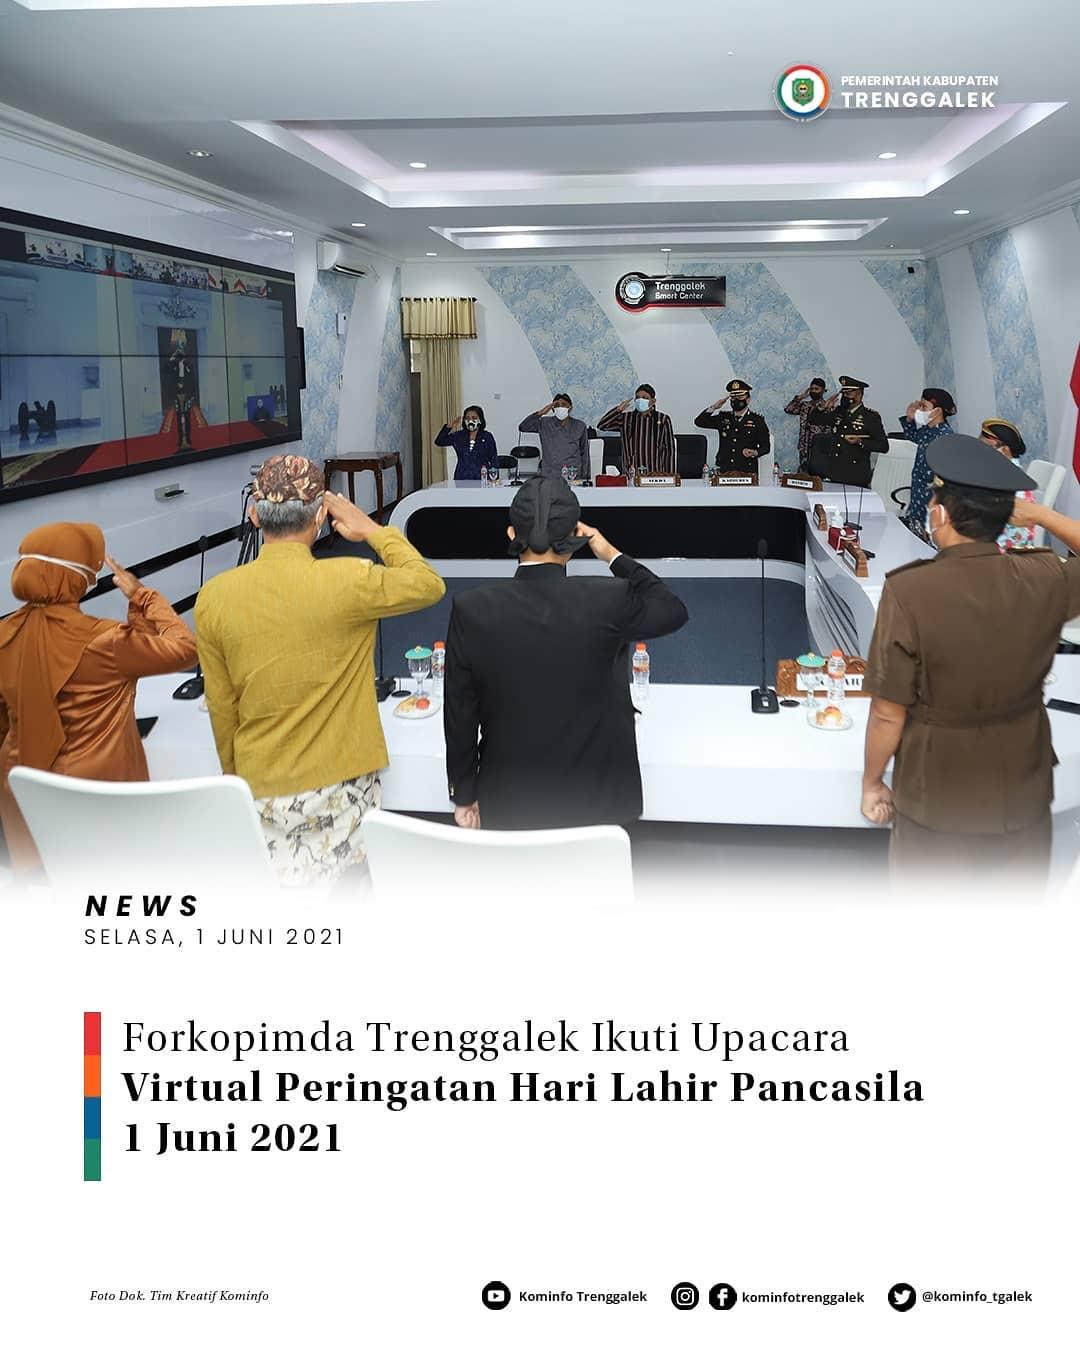 Forkopinda Trenggalek Ikuti Upacara Virtual Peringatan Hari Lahir Pancasila 1 Juni 2021